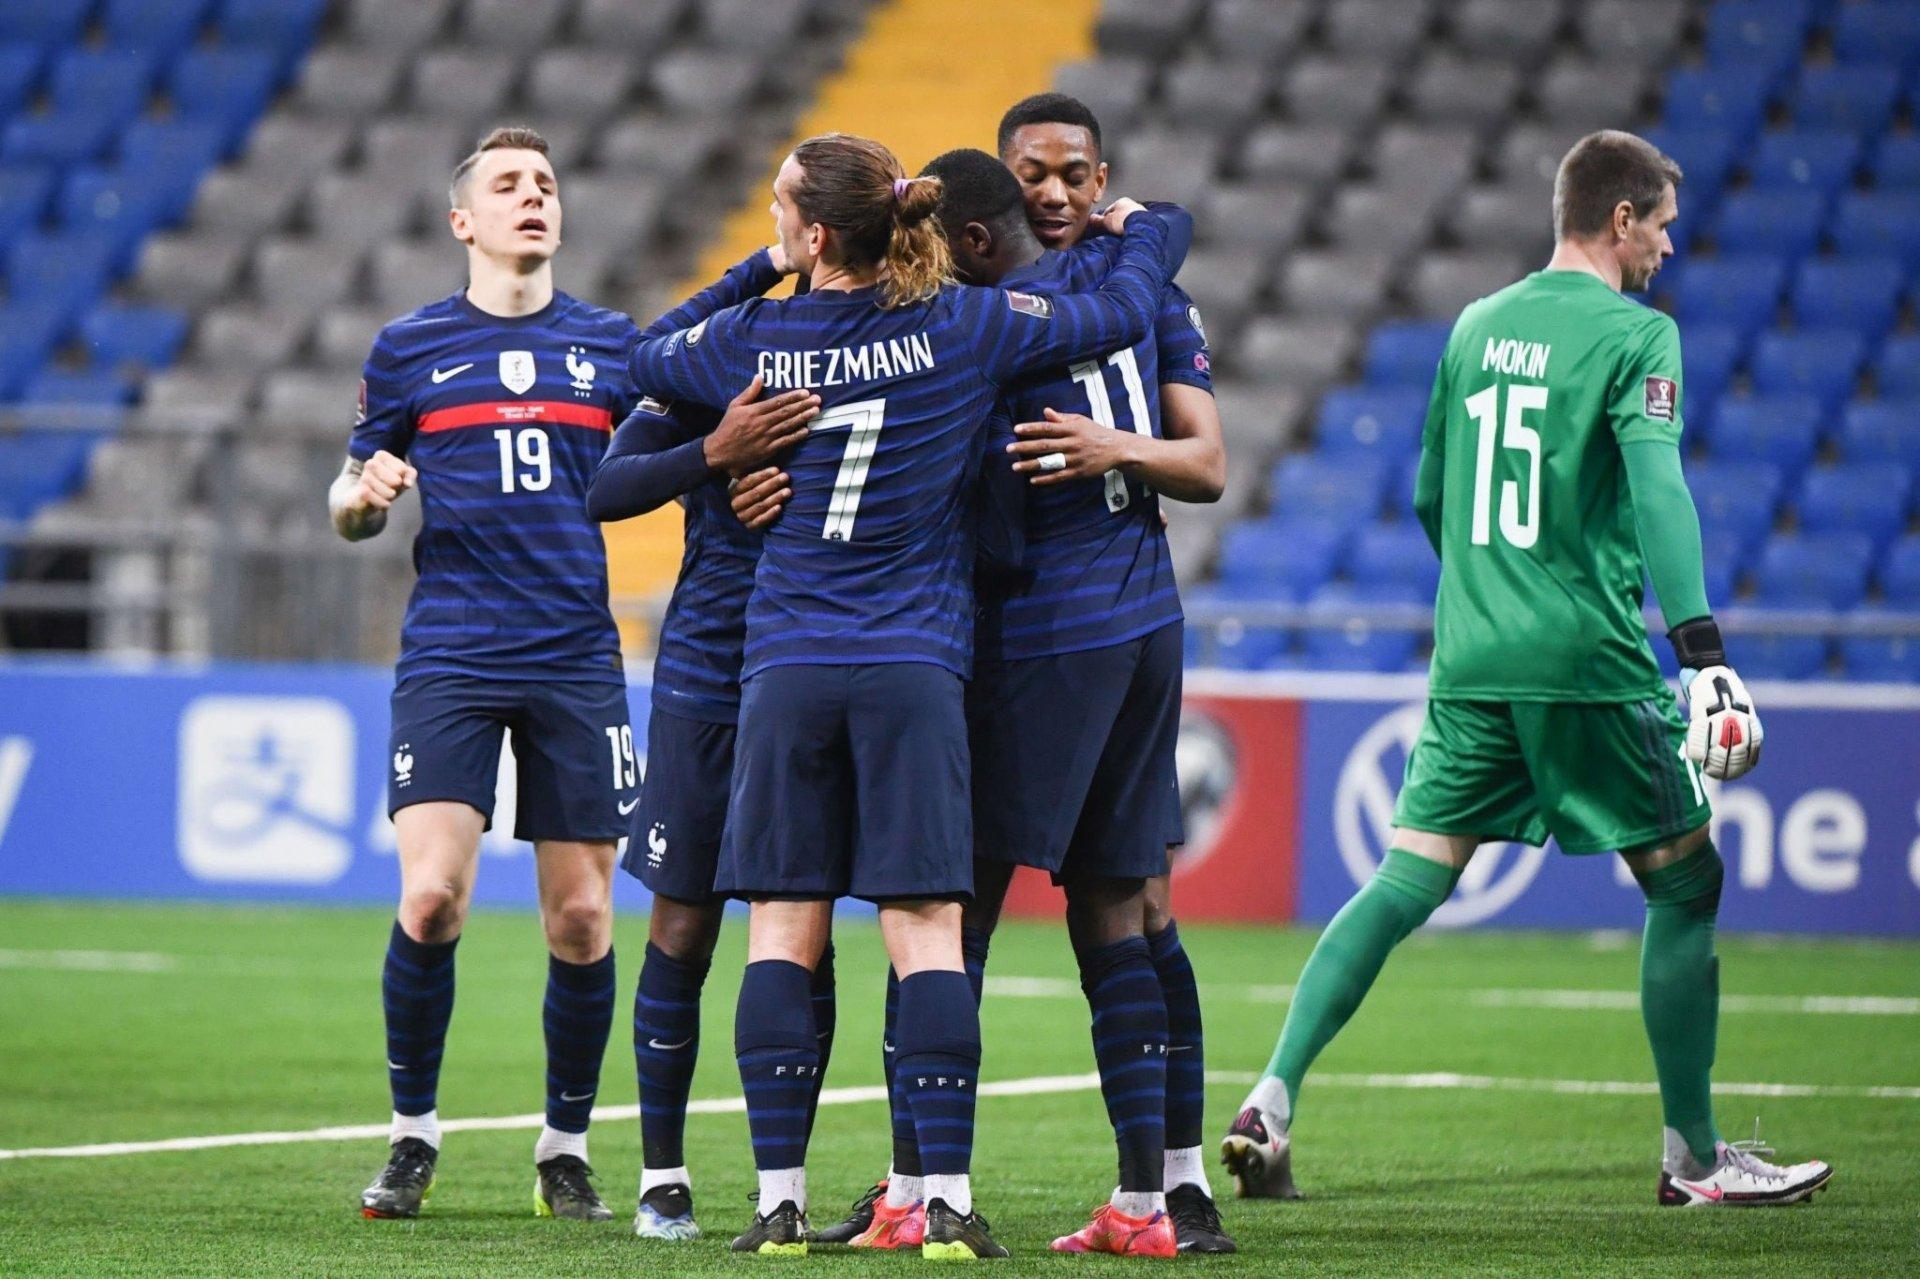 Trực tiếp Pháp vs Bosnia, link xem trực tiếp Pháp vs Bosnia: 01h45 ngày 02/09 2